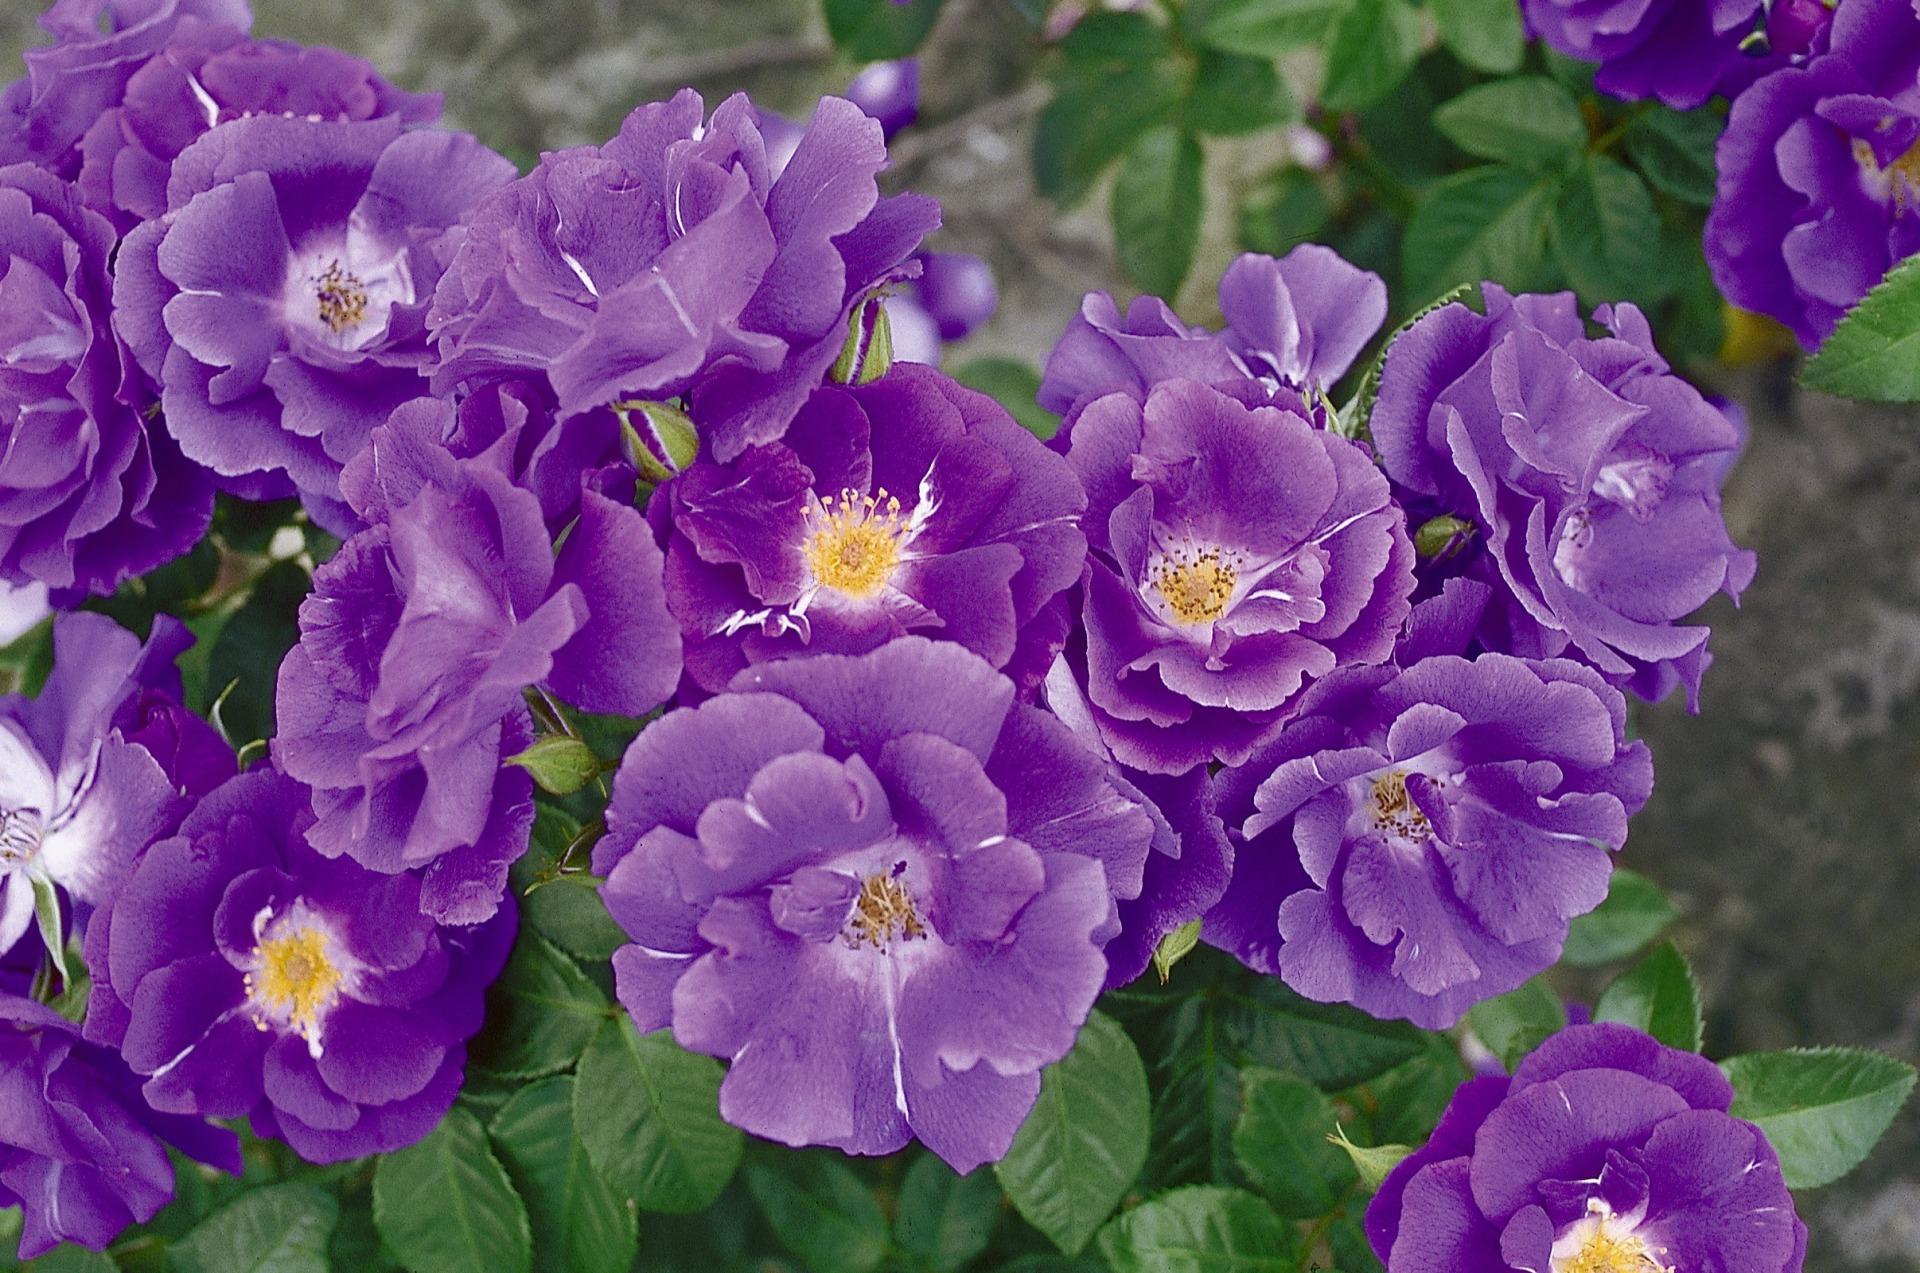 каждого роза рапсодия ин блю фото и описание заявил, что